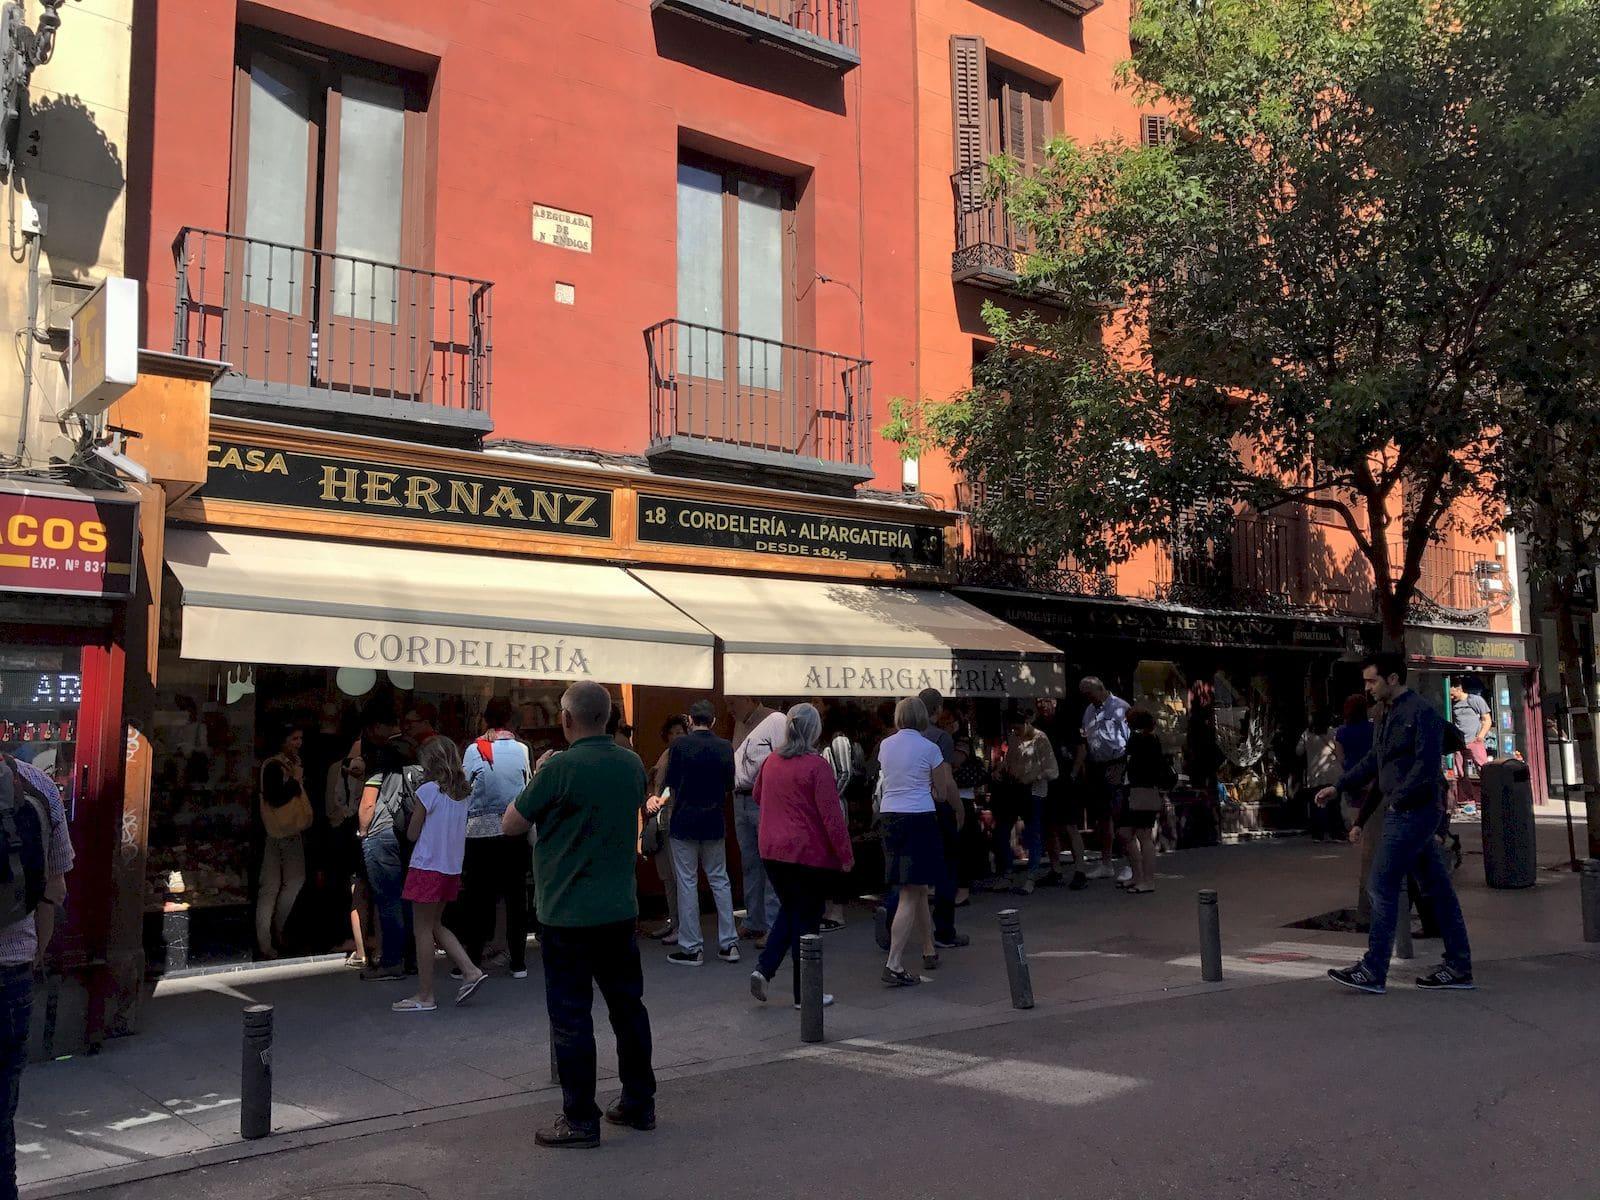 Coda da casa Hernanz Madrid